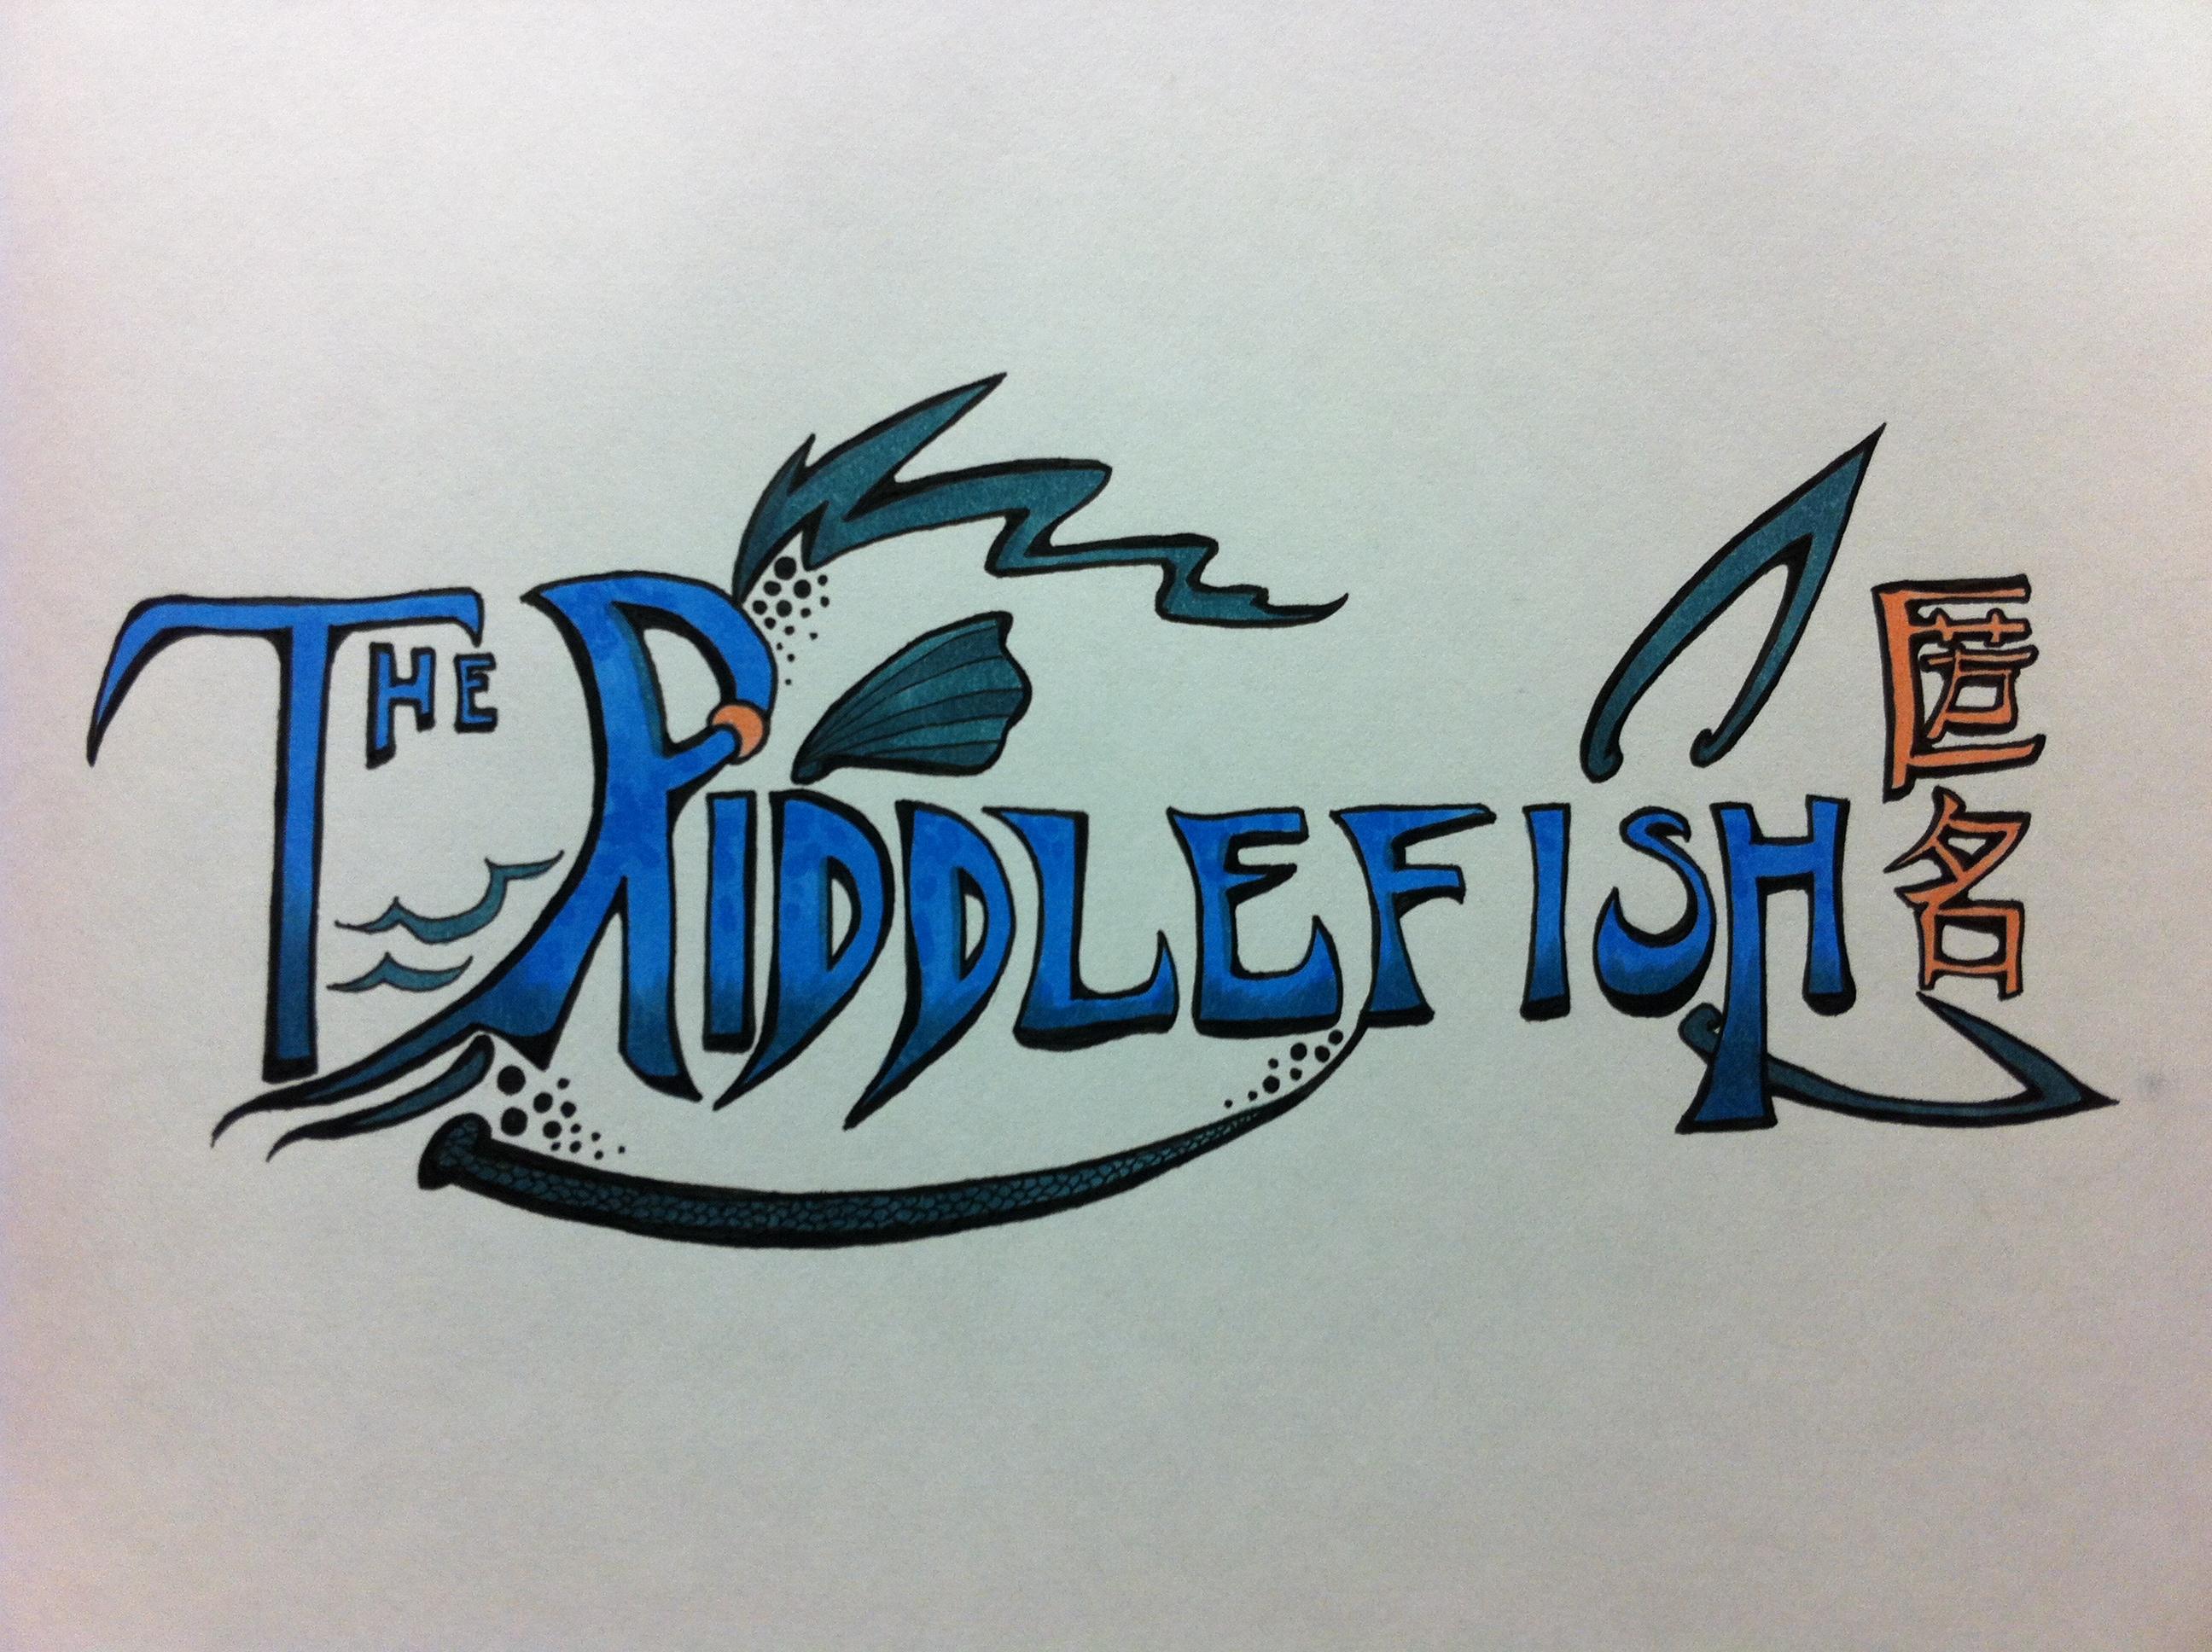 Riddlefish by Yavanni